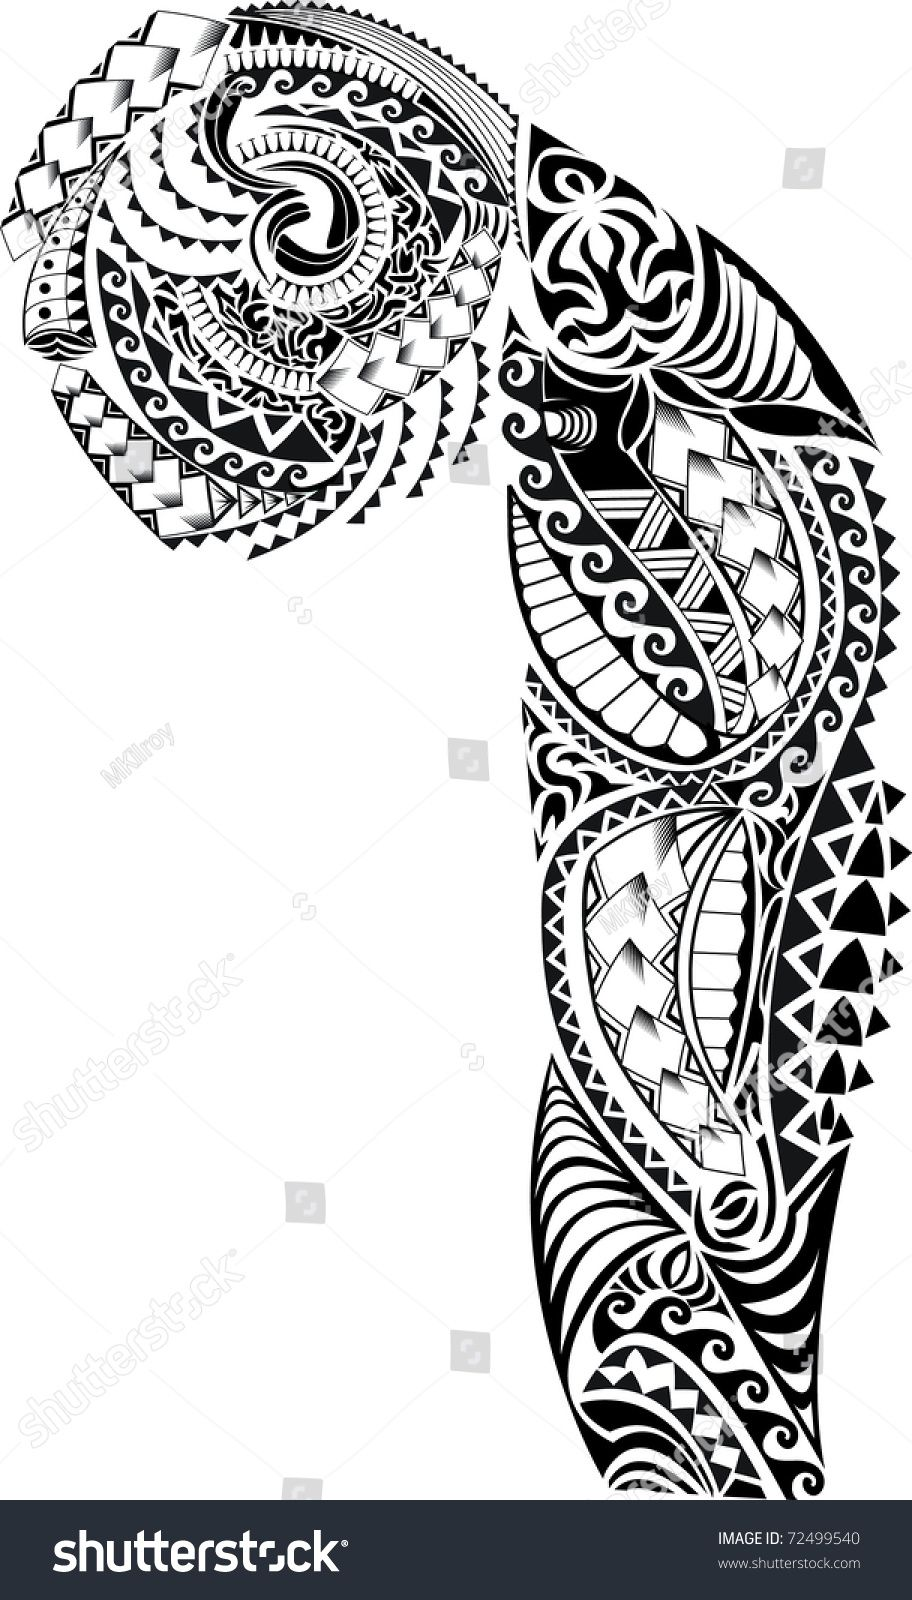 , Tribal-Arm-Brust Tattoo Stockillustration 72499540, My Tattoo Blog 2020, My Tattoo Blog 2020